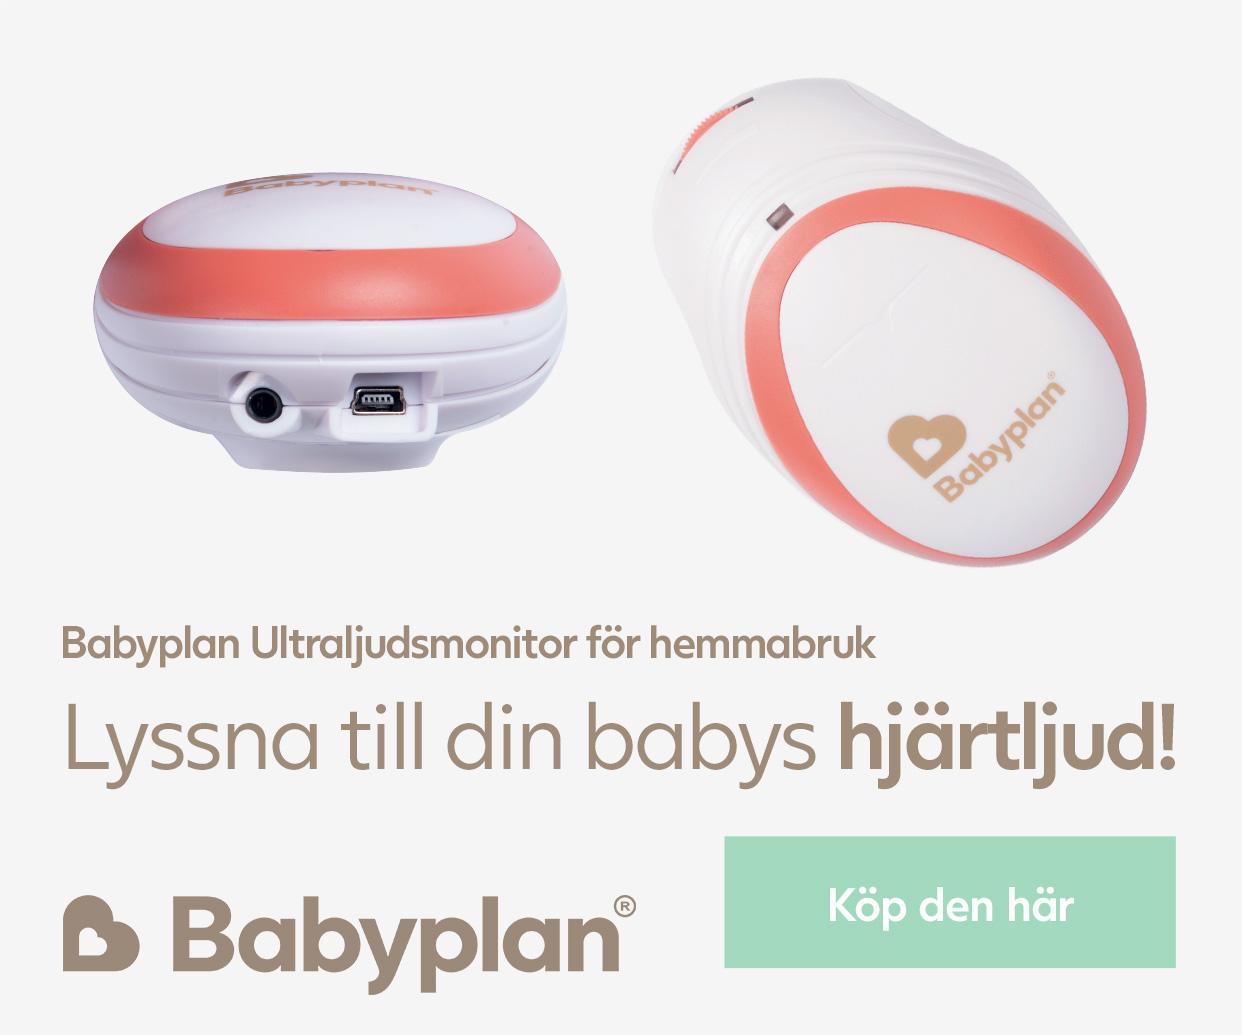 Babyplan Ultraljudsmonitor för hemmabruk. Köp den här